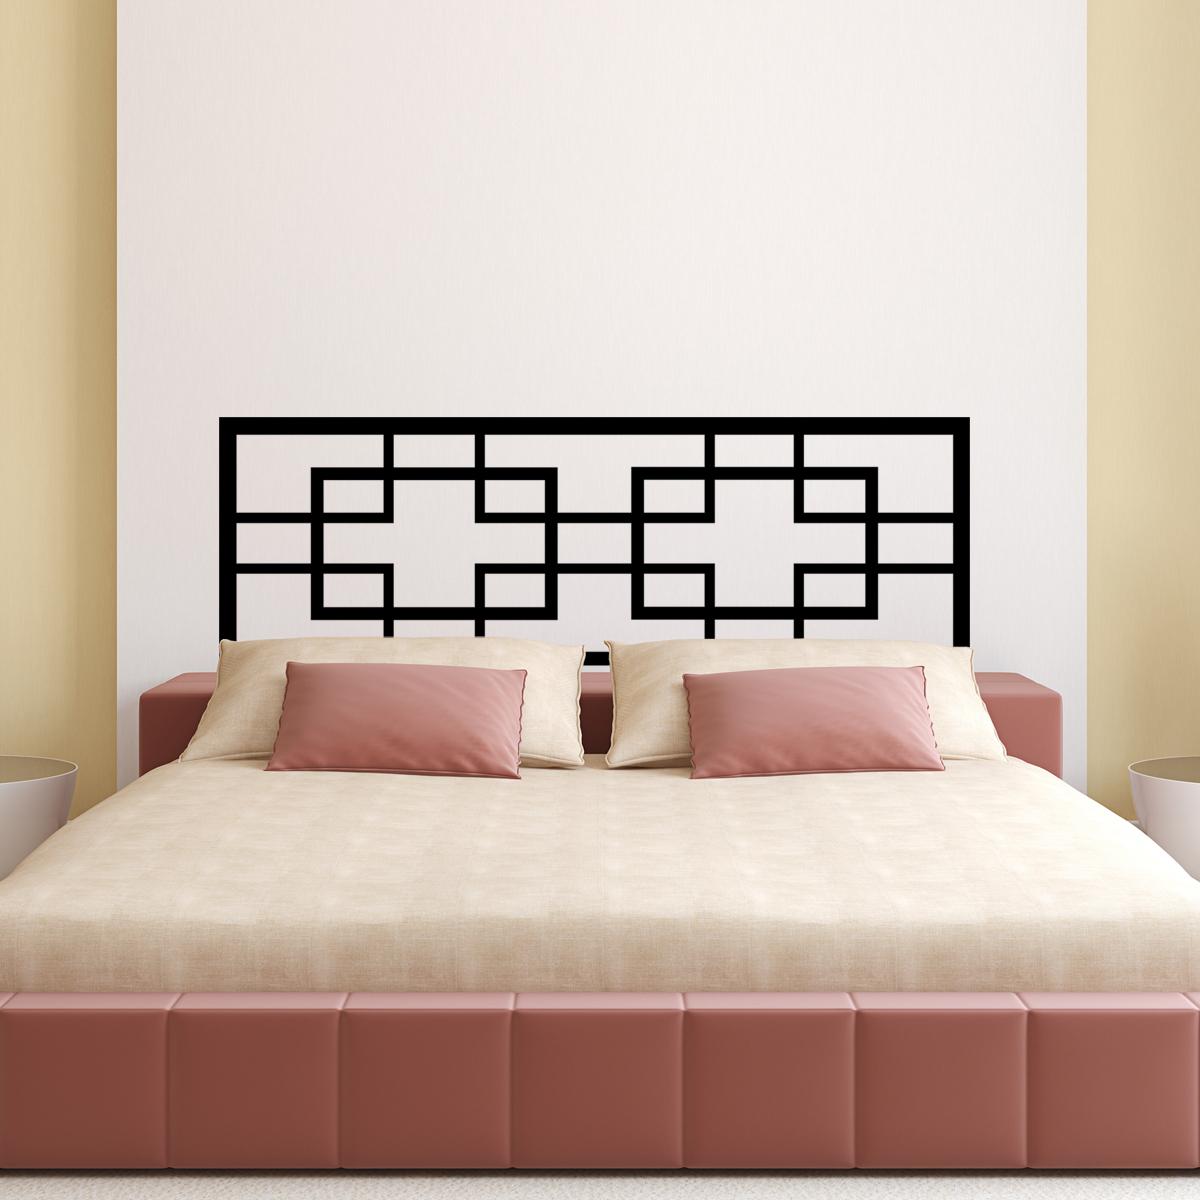 stickers muraux t tes de lit sticker mural arr s lit double ambiance. Black Bedroom Furniture Sets. Home Design Ideas